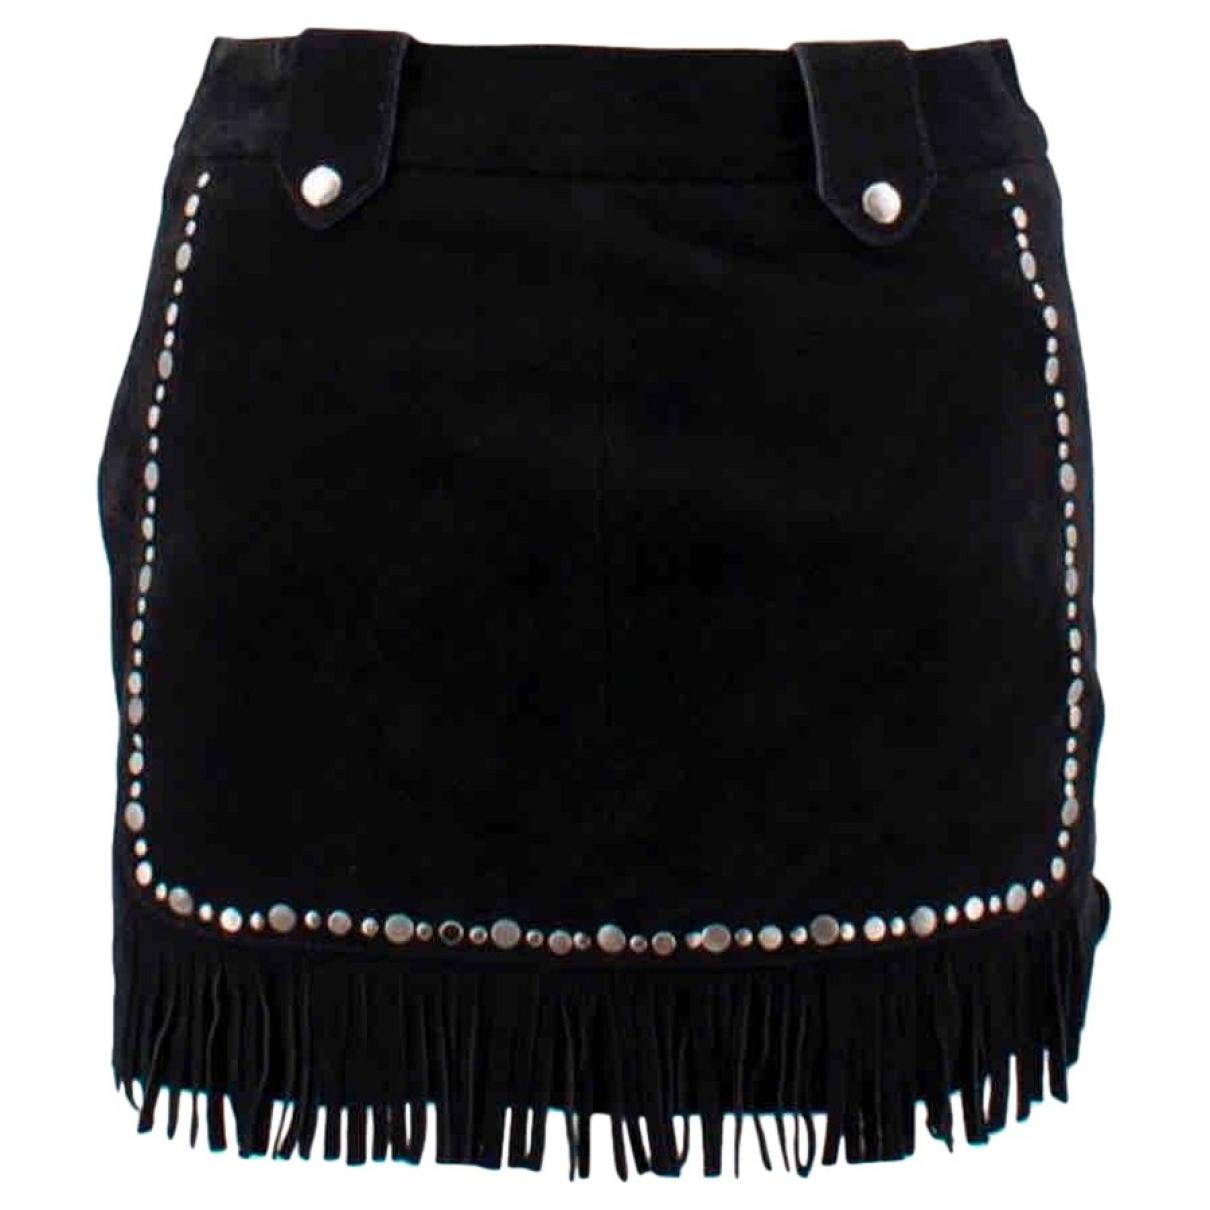 Maje \N Black Suede skirt for Women 38 FR